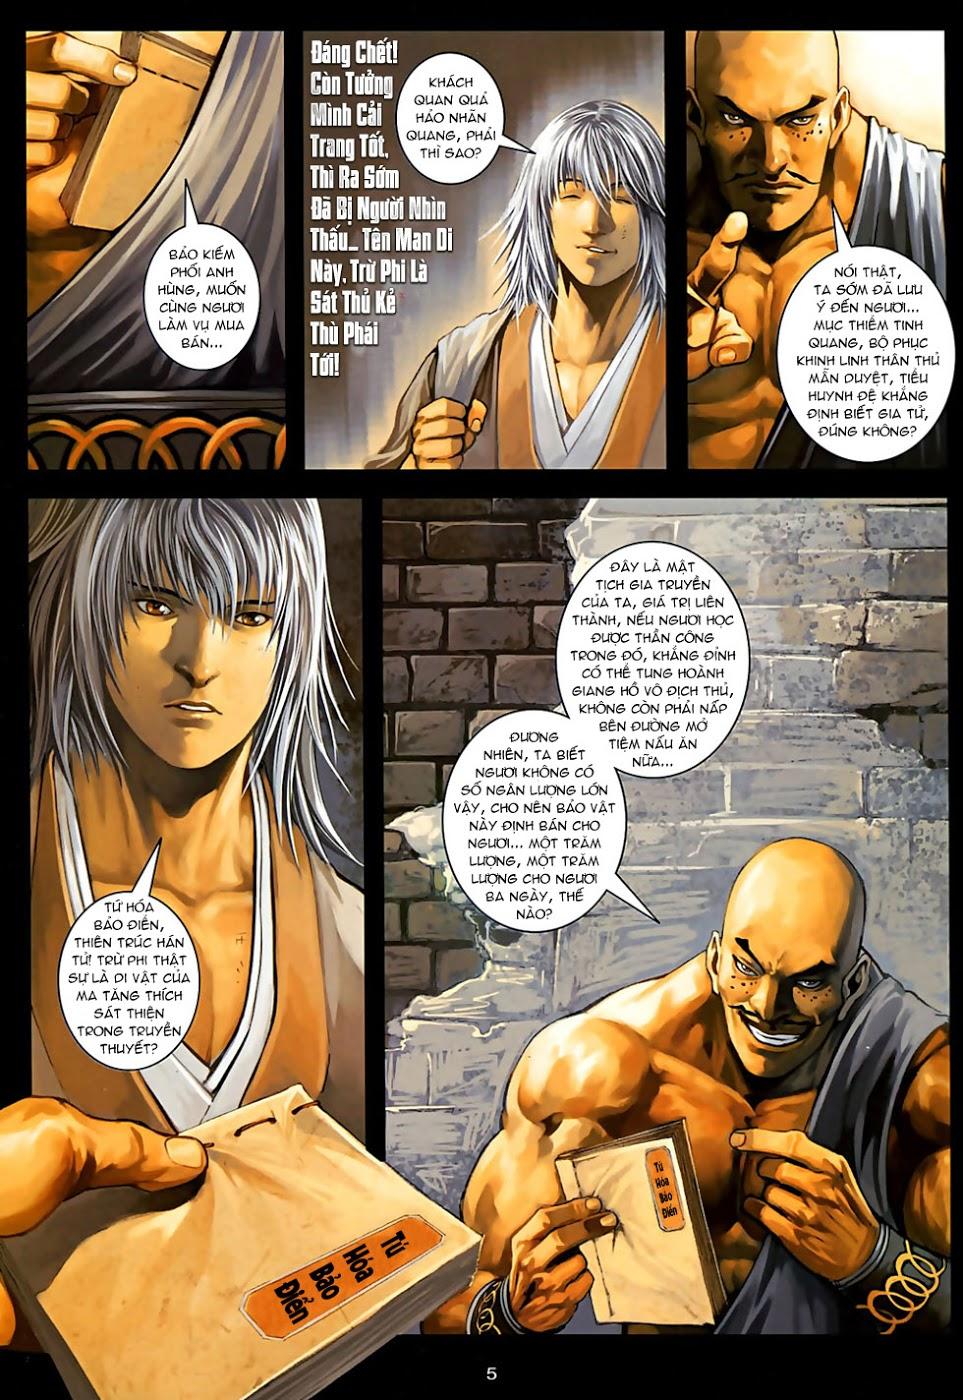 Ôn Thuỵ An Quần Hiệp Truyện Phần 2 chapter 30 trang 6